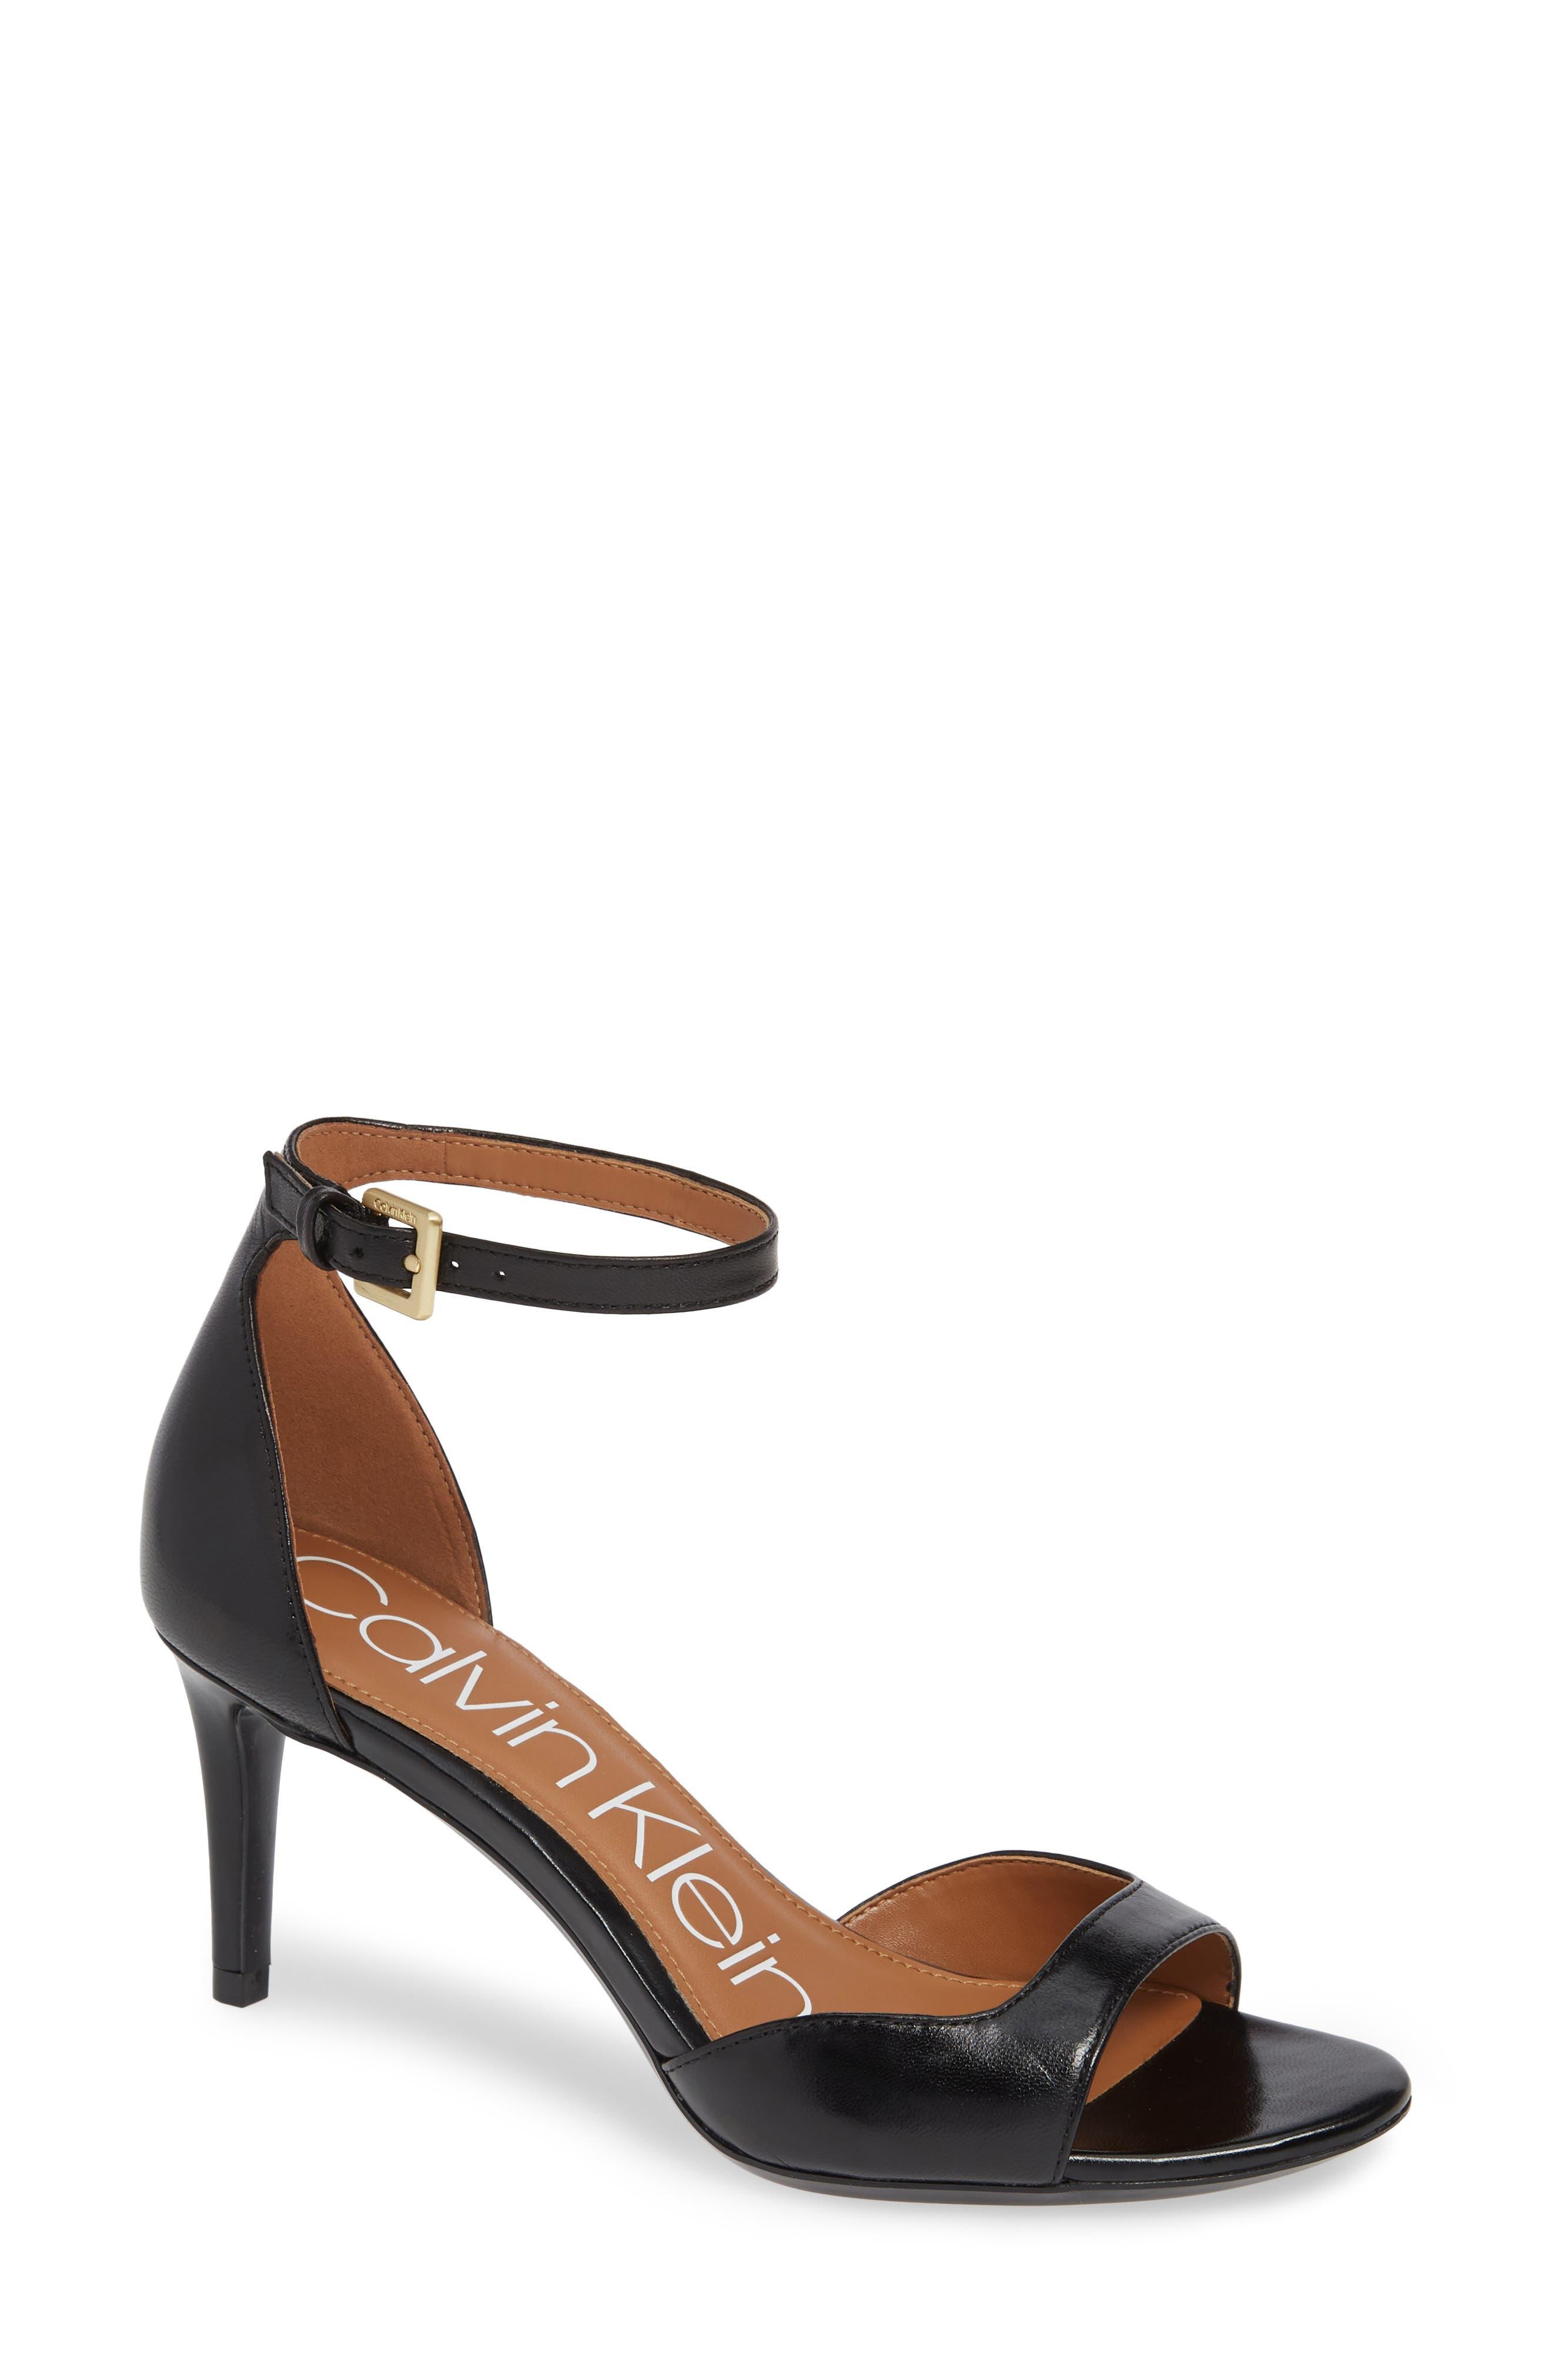 abd90fd33ea9 Calvin Klein Luellen Ankle Strap Sandal- Black